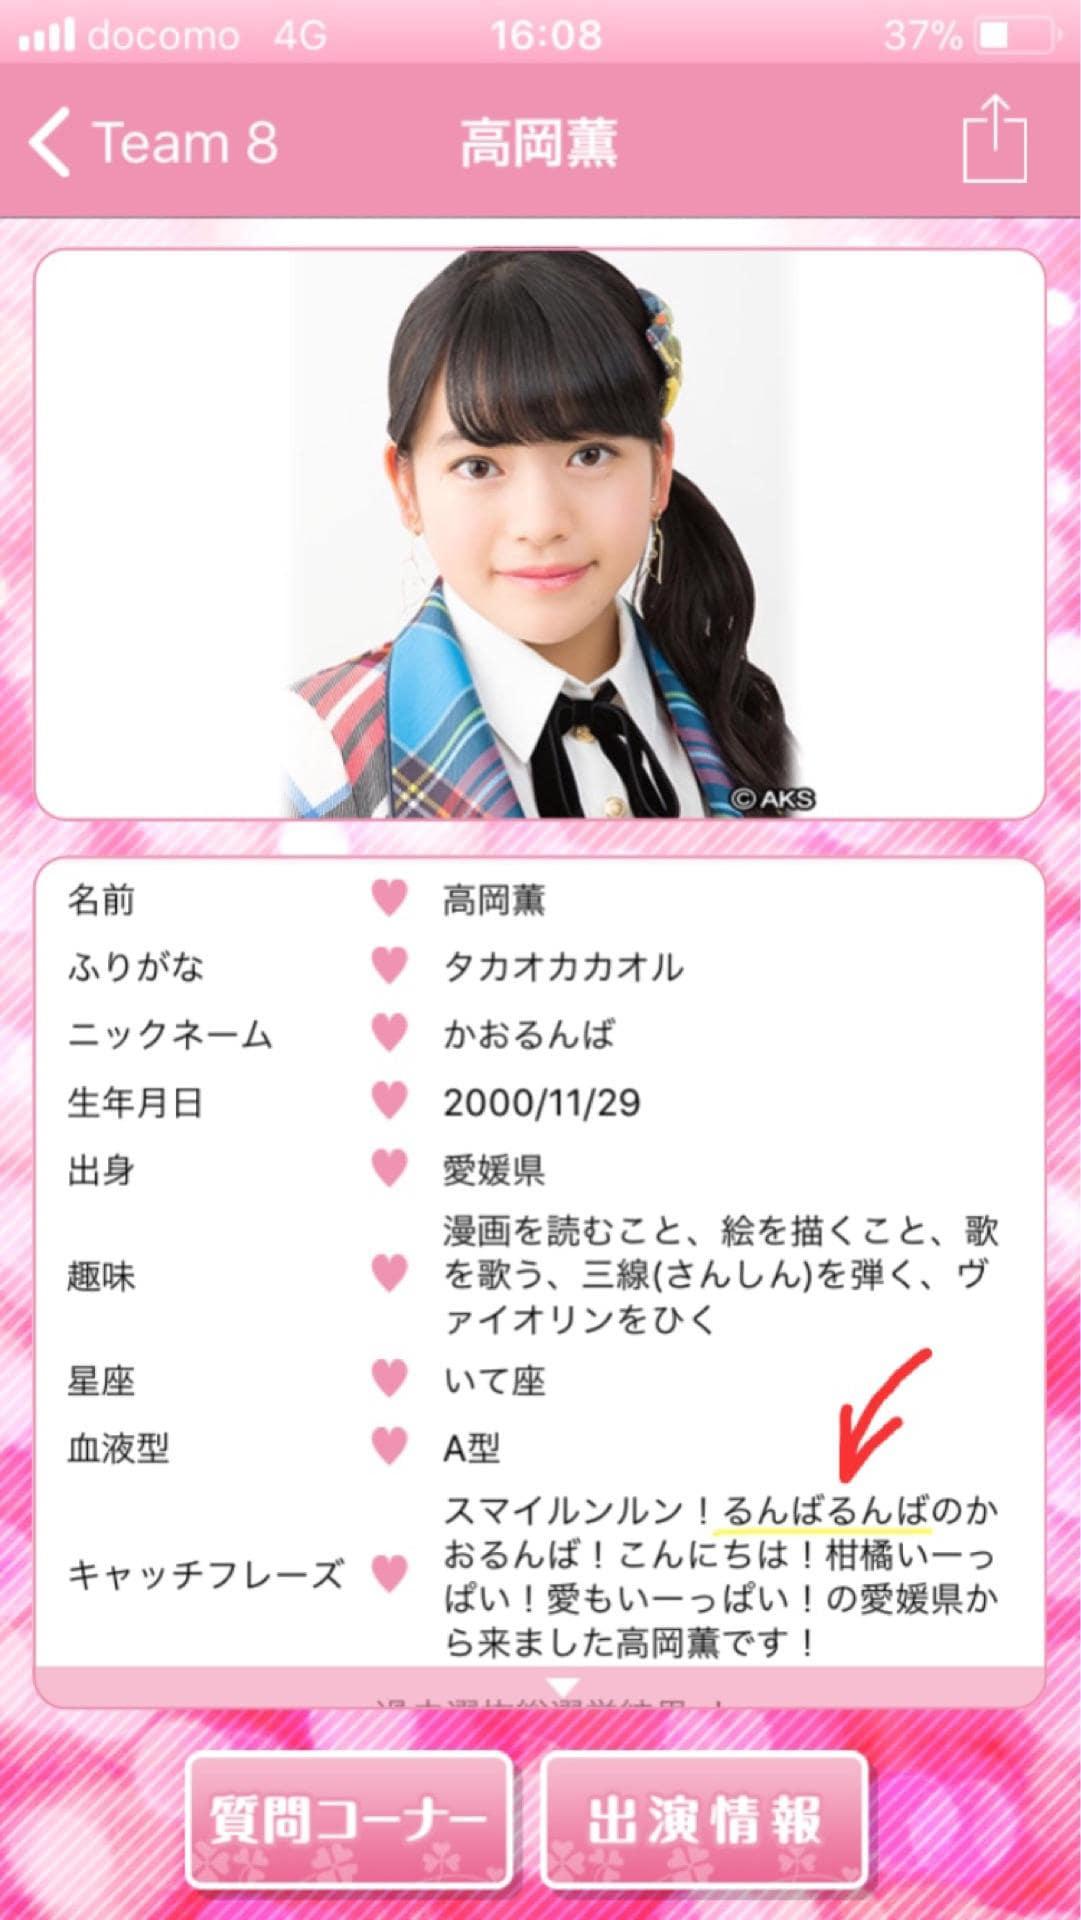 高岡薫、公式プロフィールのるんばるんばがカタカナから平仮名に修正される